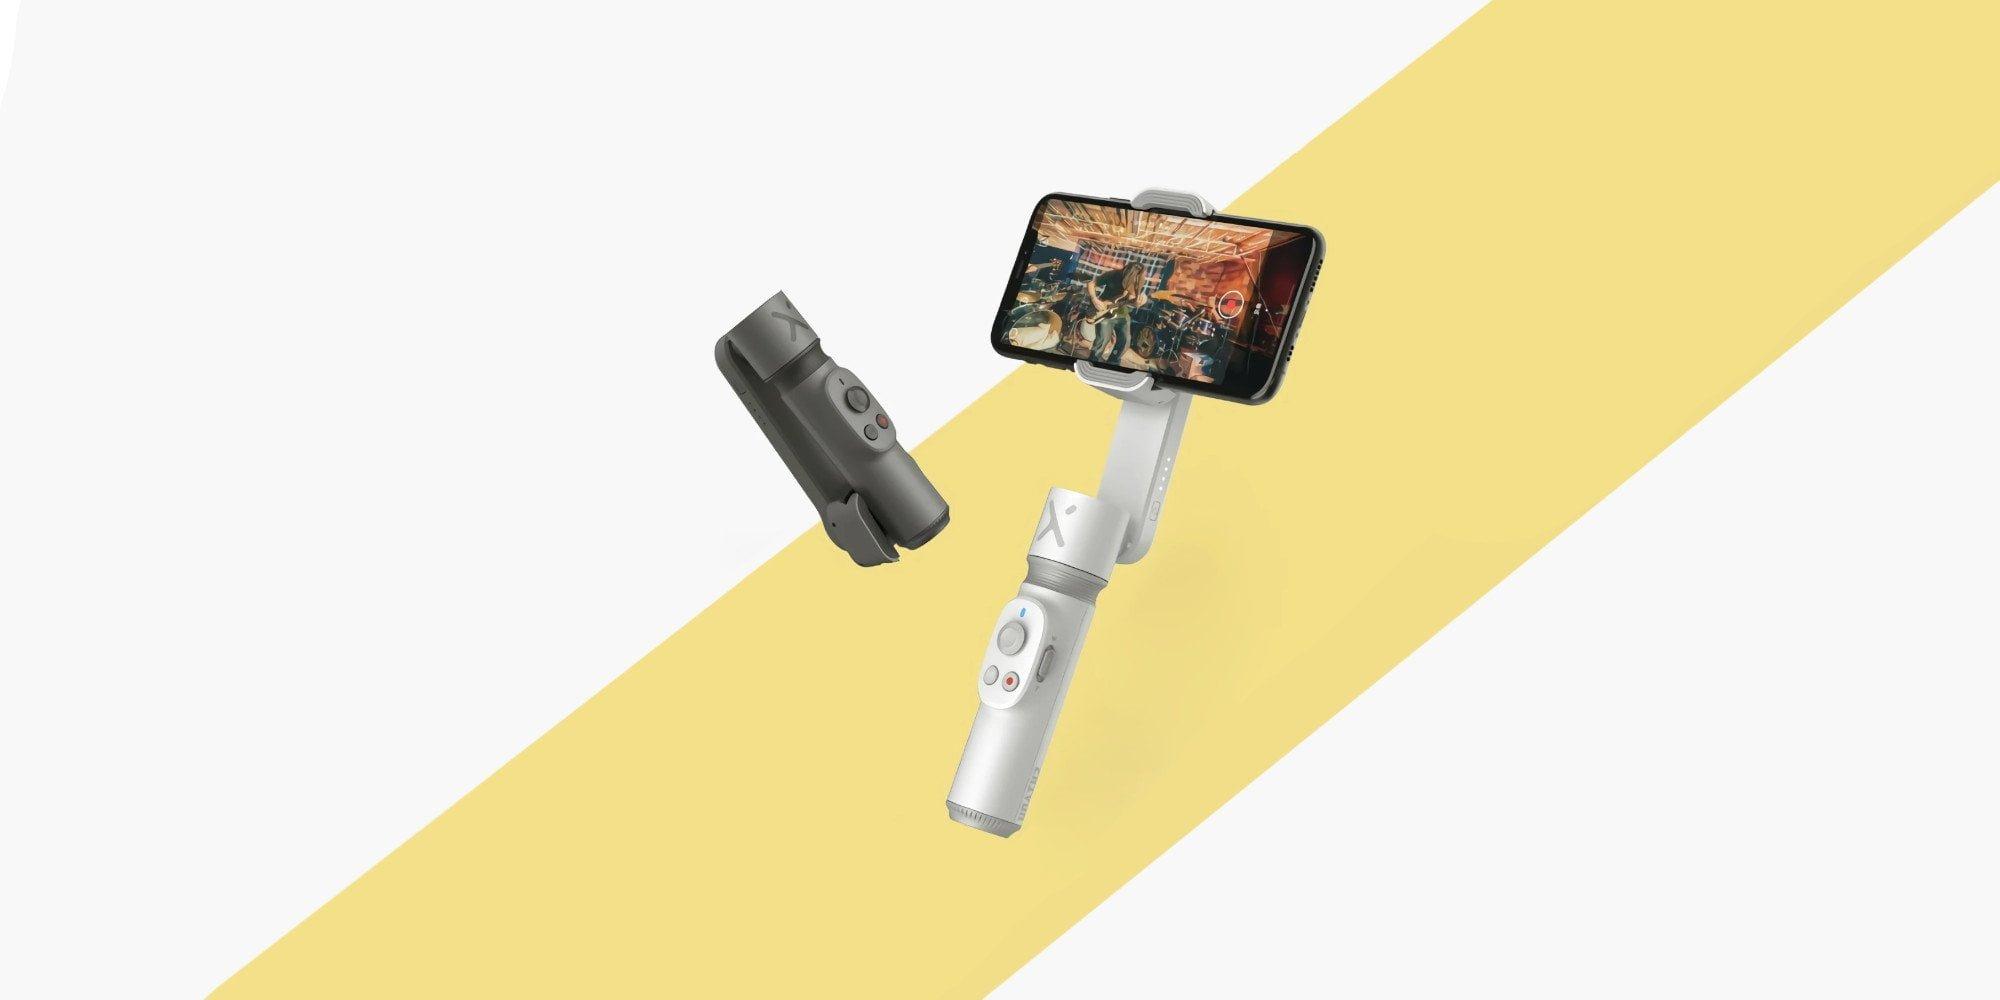 De Zhiyun Smooth X smartphone-cardan met telescopische verlenging.